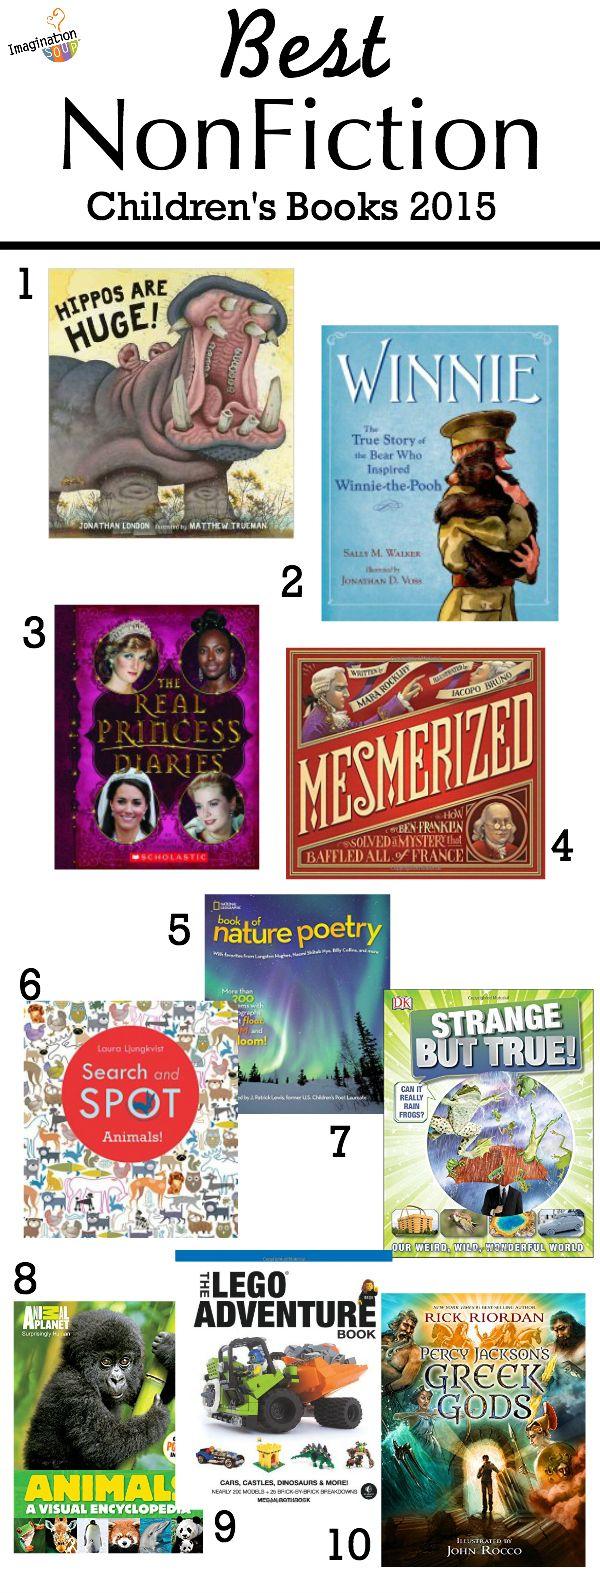 005 Best Children's Nonfiction Books 2015 Nonfiction books